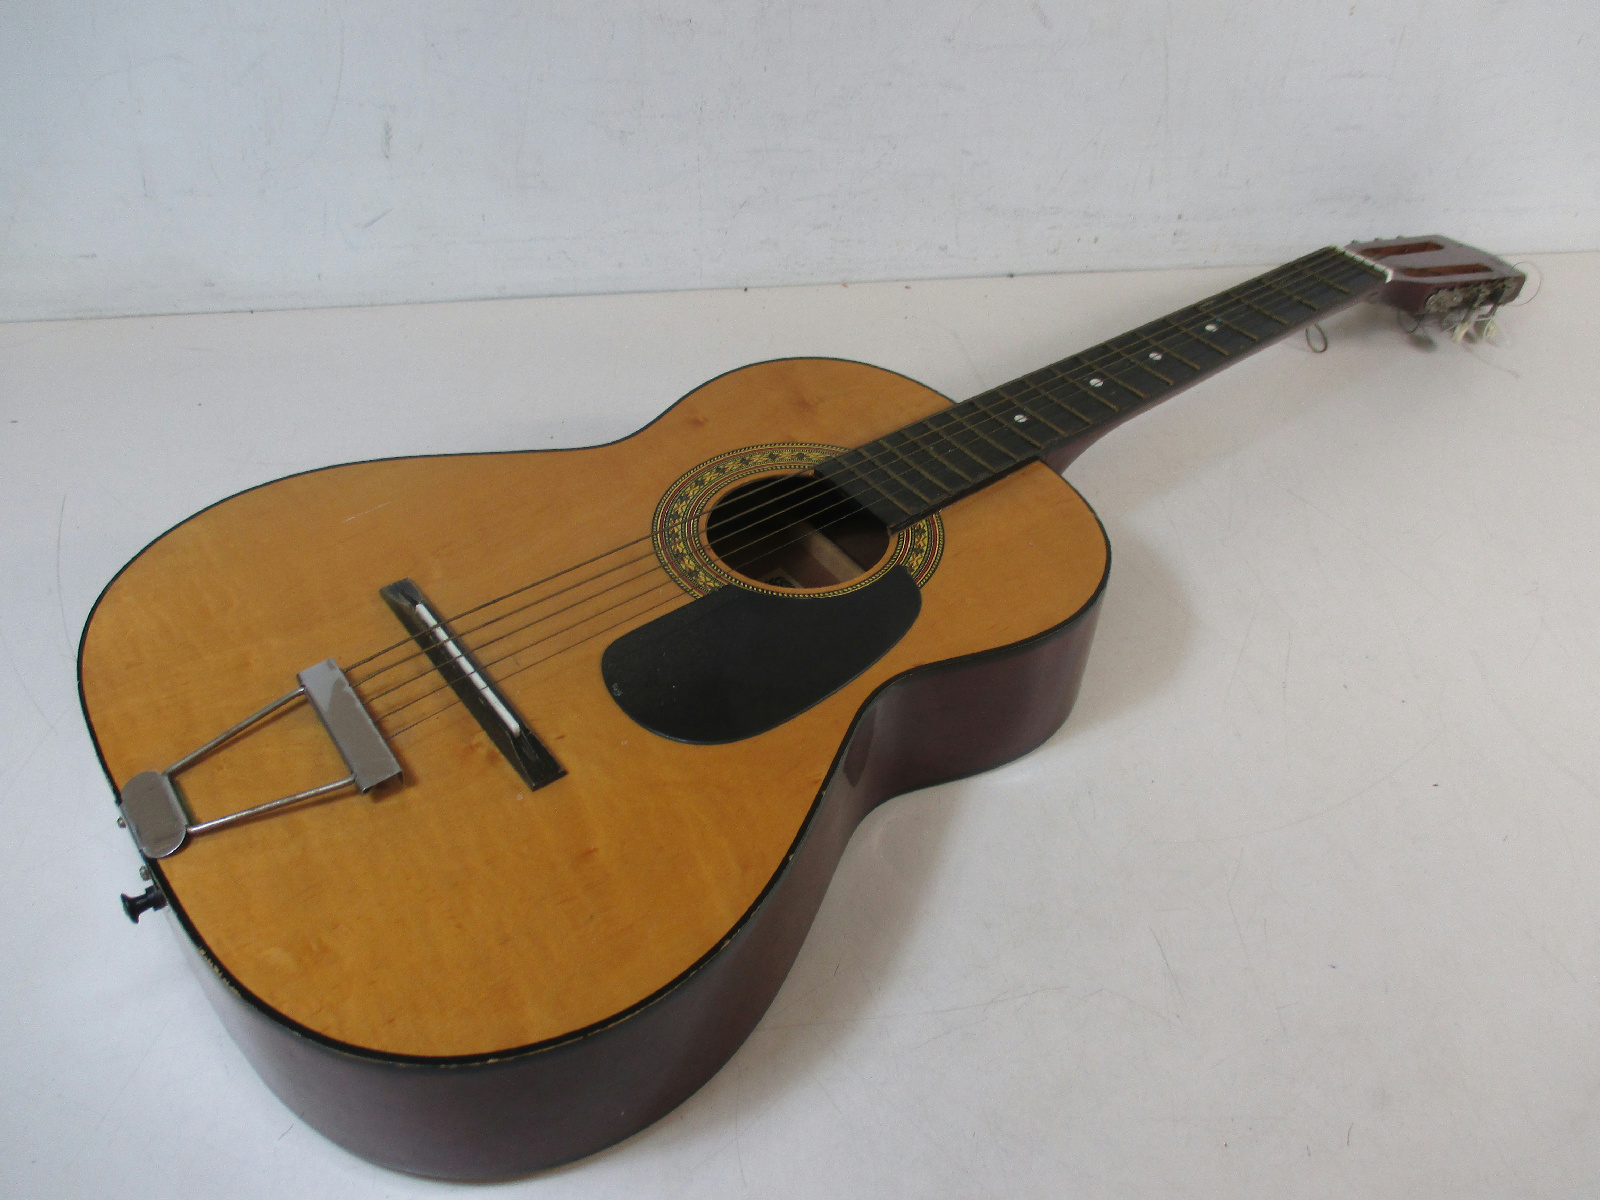 Child Size Guitar : vintage stella harmony child size concerto model 9c classical guitar w bag ebay ~ Hamham.info Haus und Dekorationen